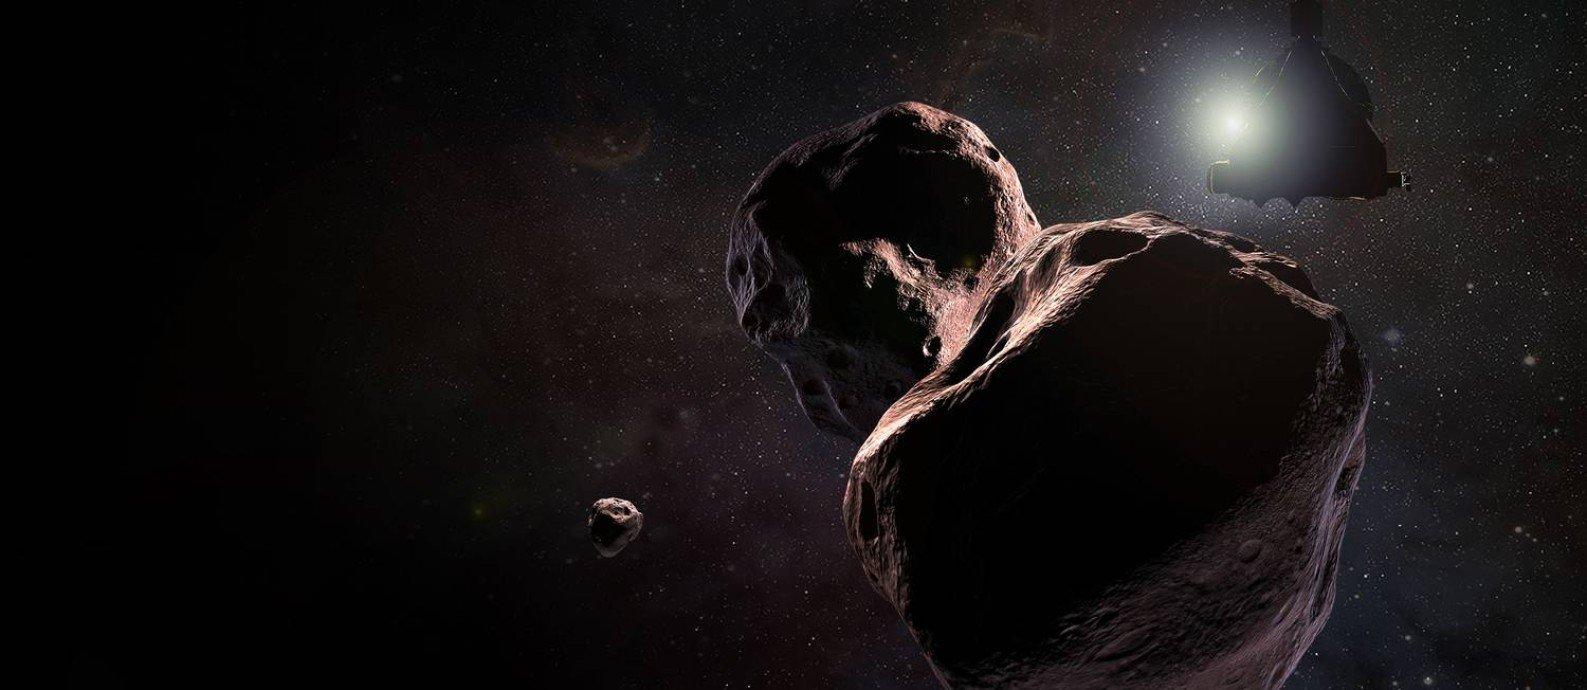 Sonda New Horizons sobrevoa objeto